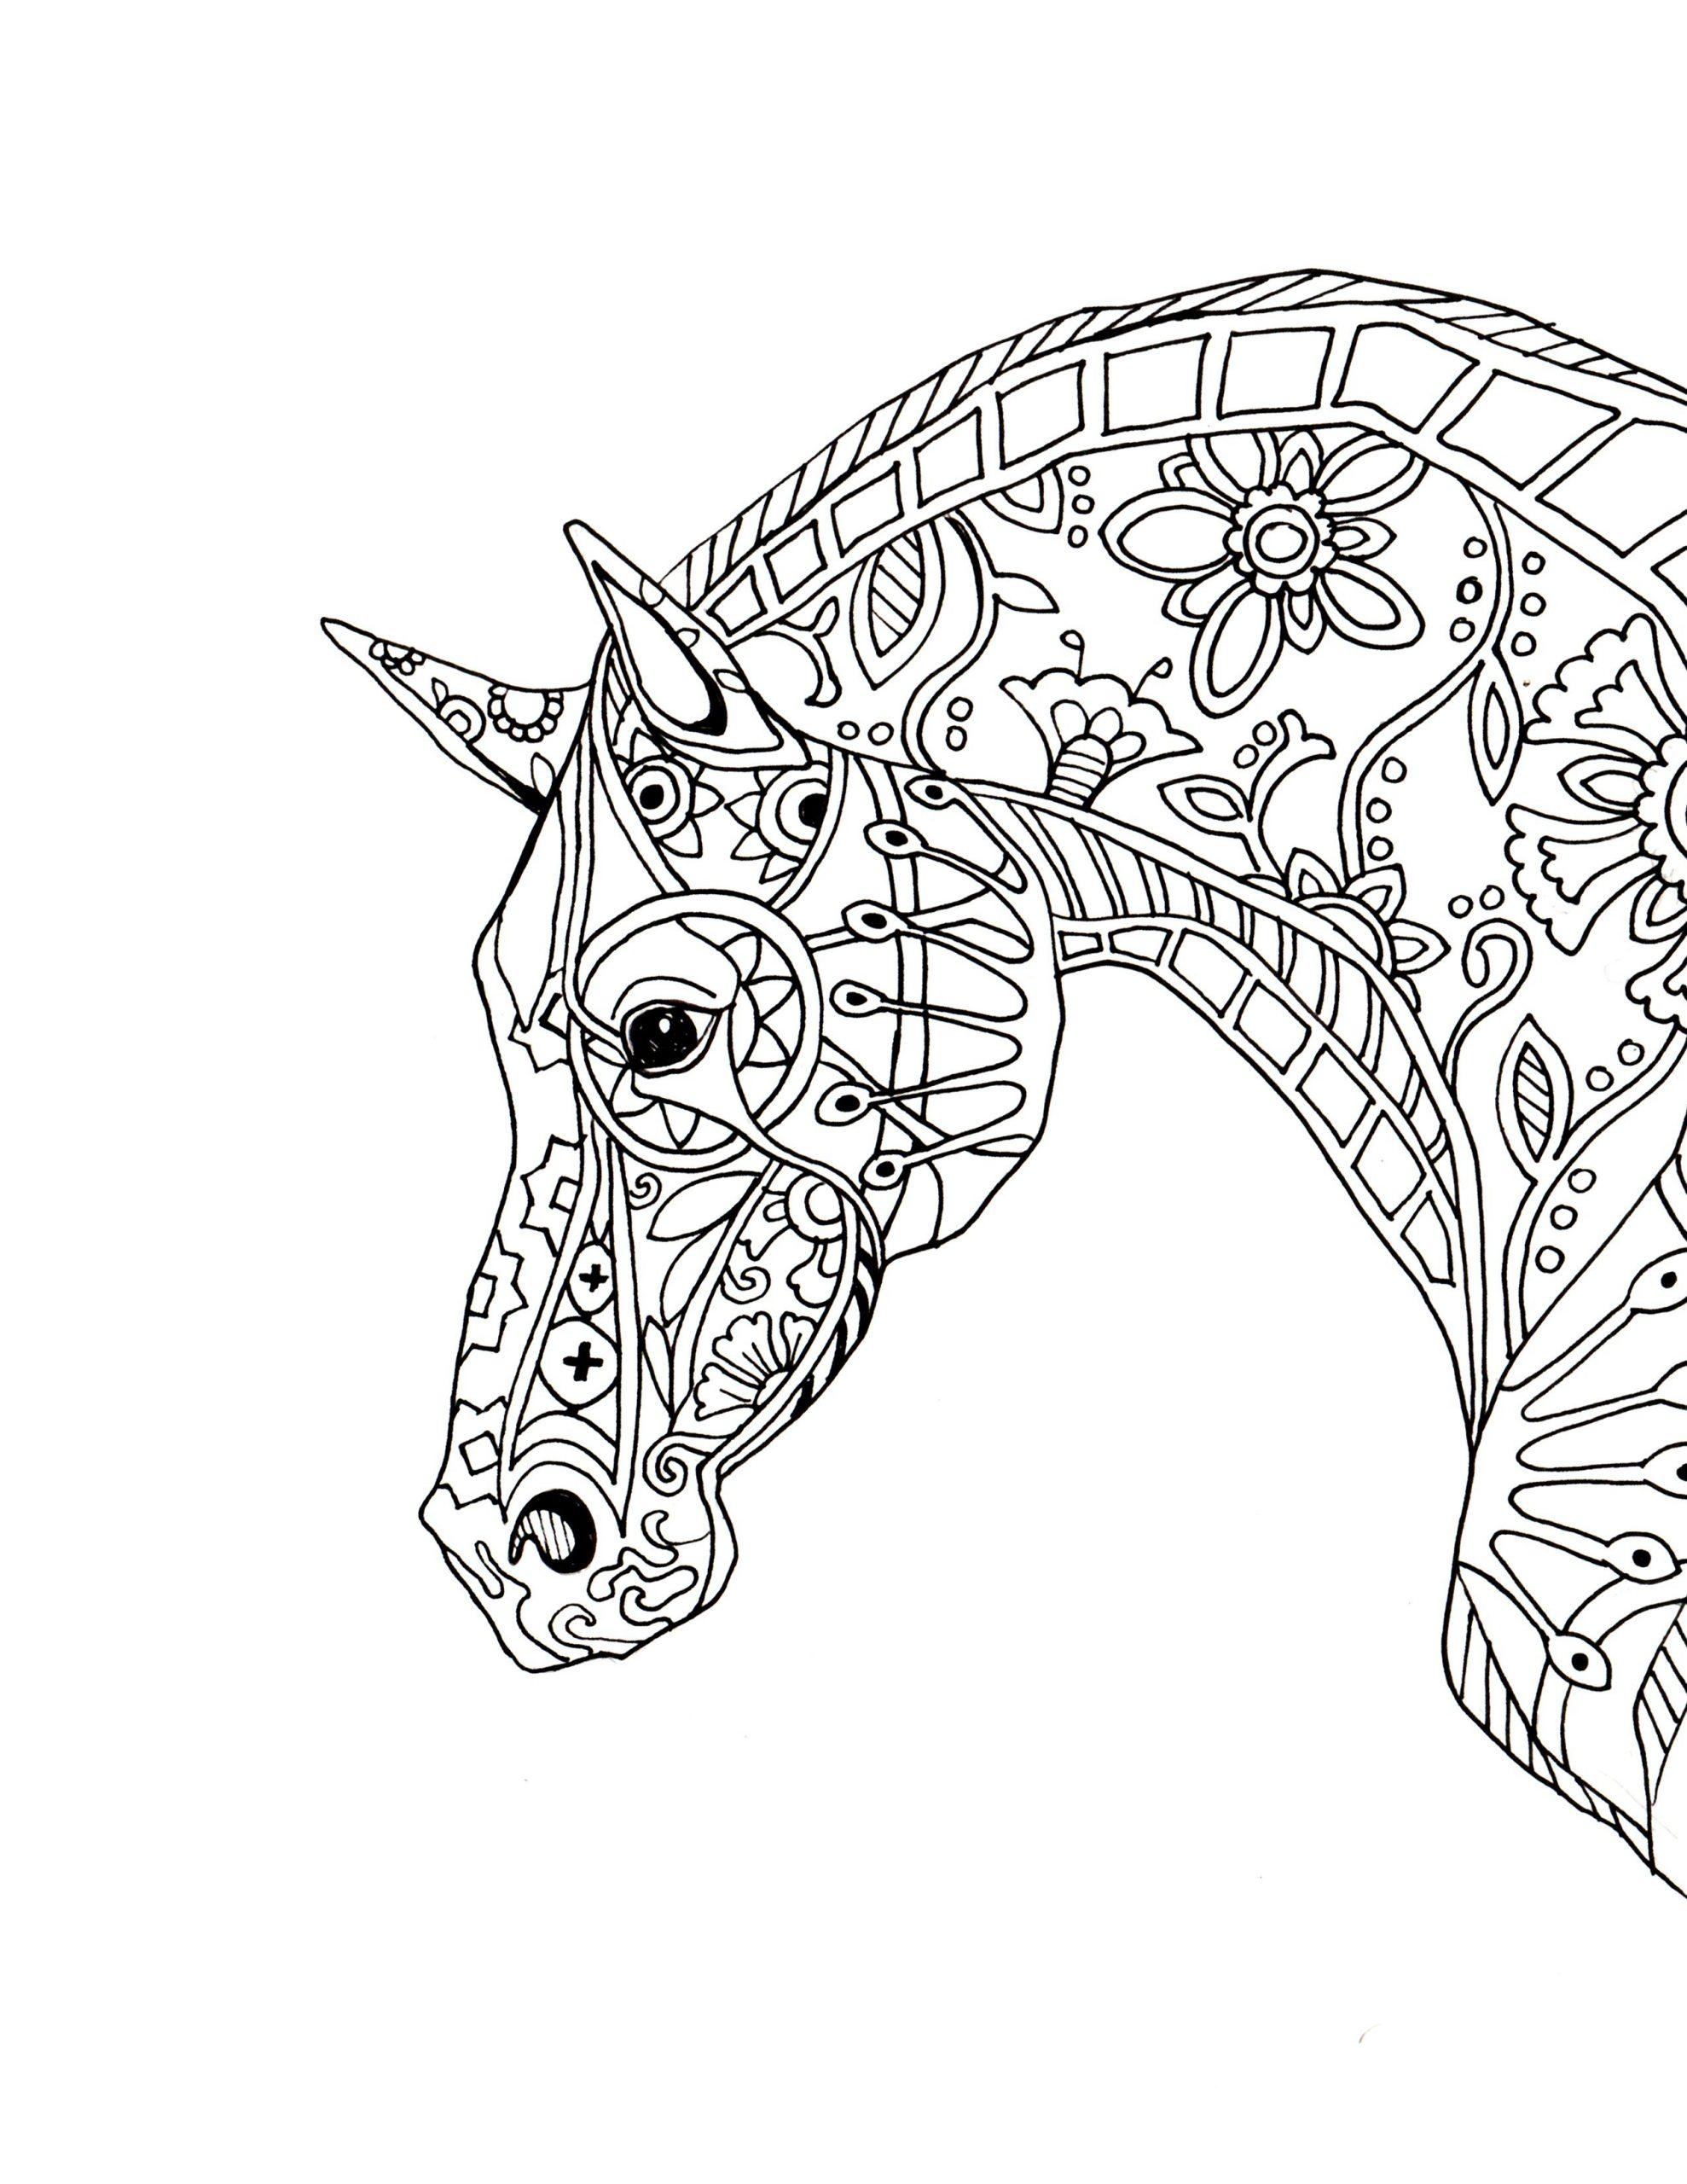 Decorative-Horse-Profile | Coloriage Cheval, Coloriage à Jeux De Coloriage De Cheval